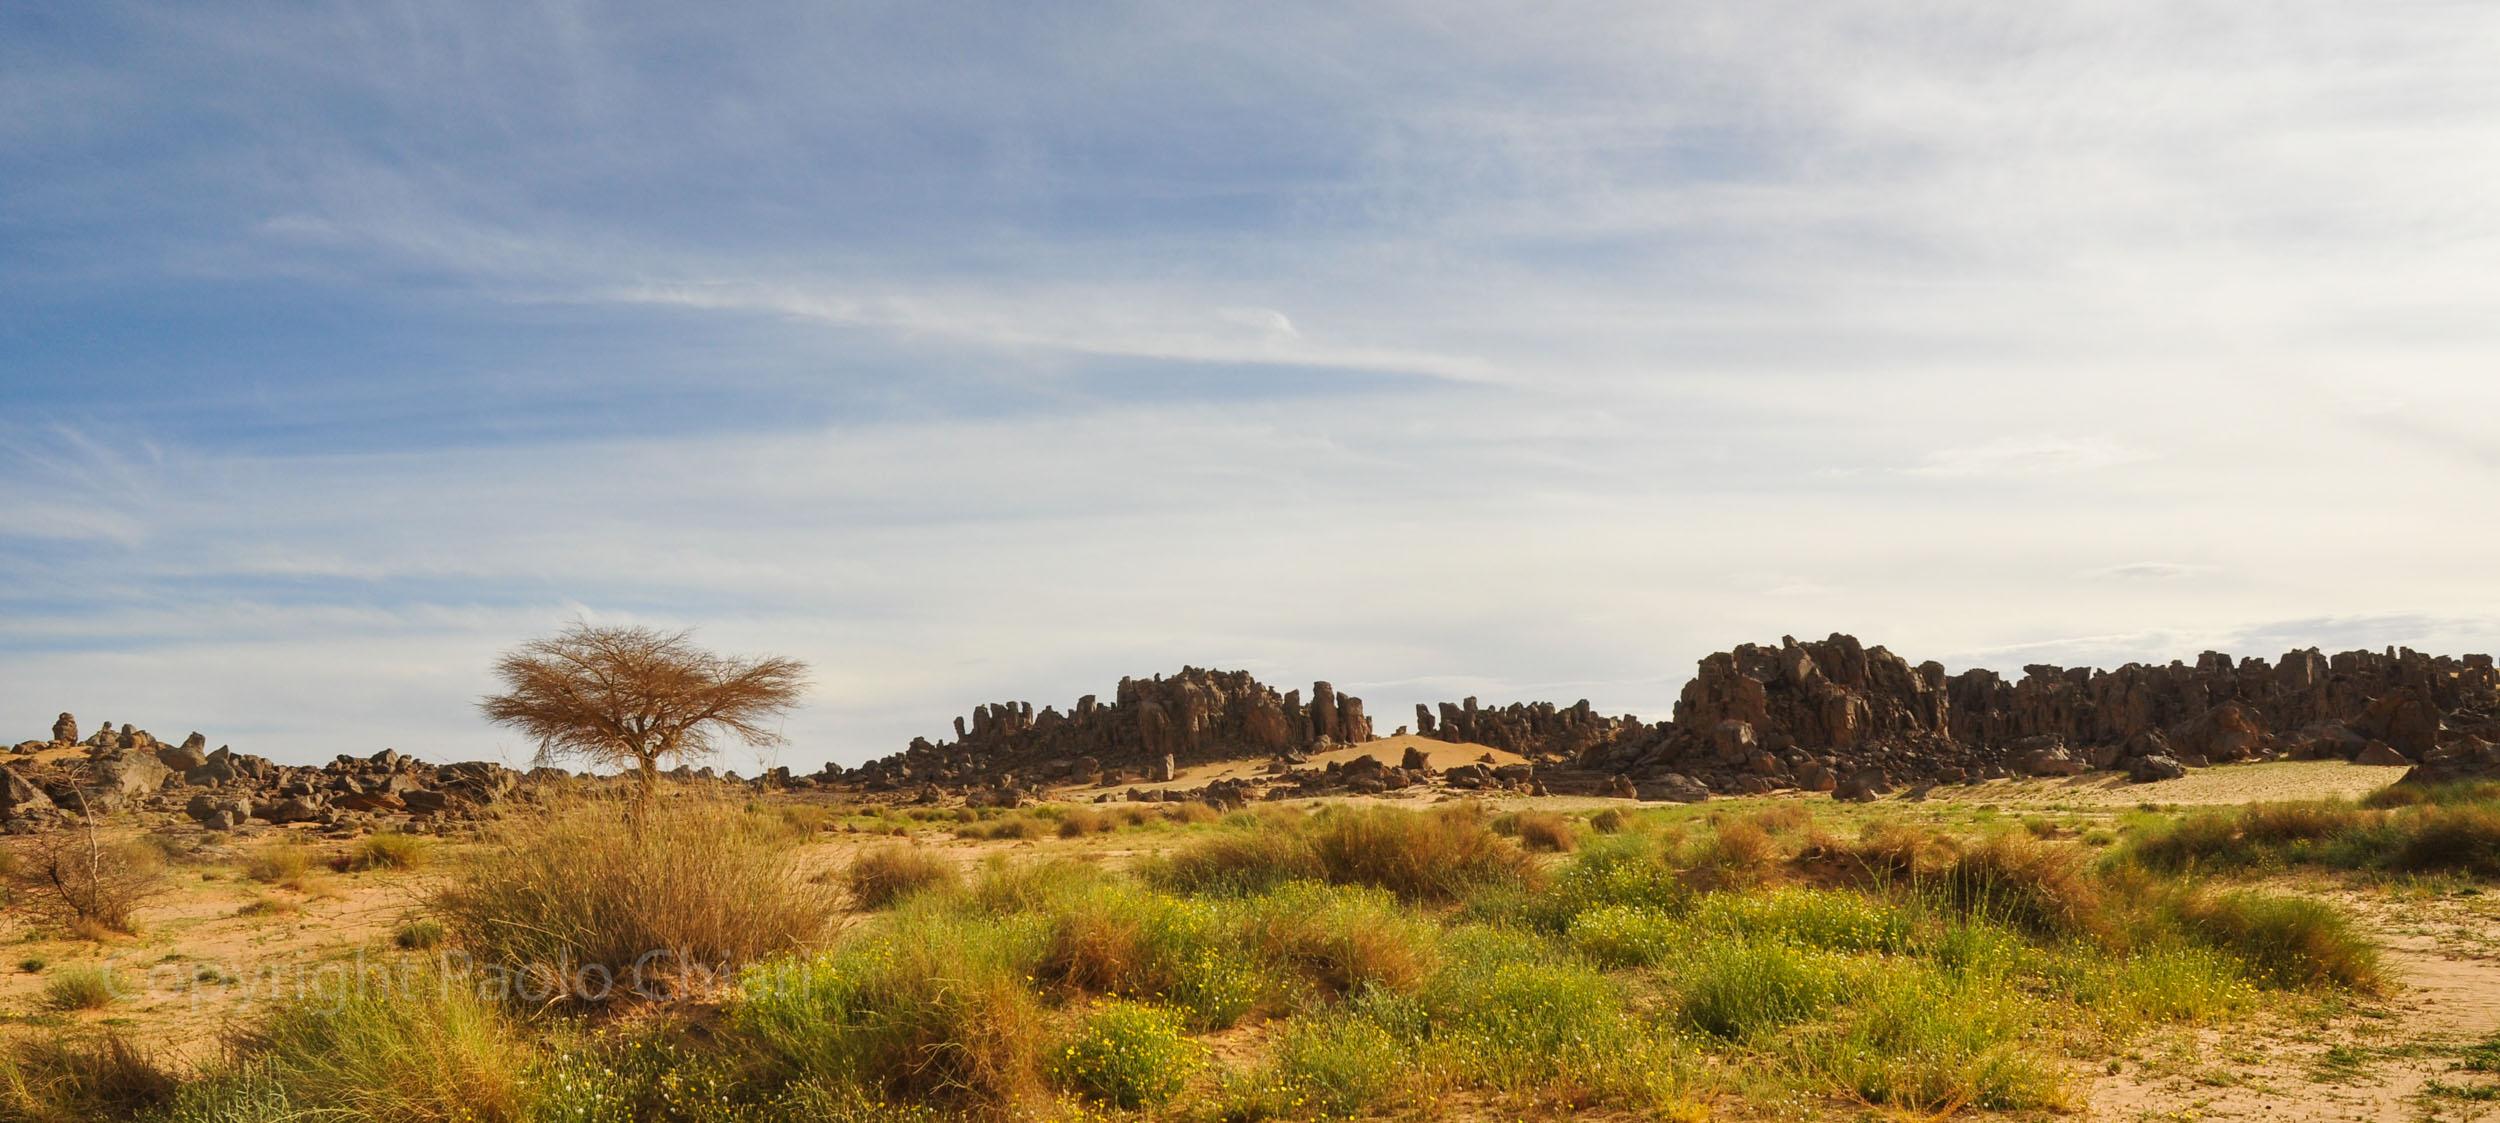 algeria12__787